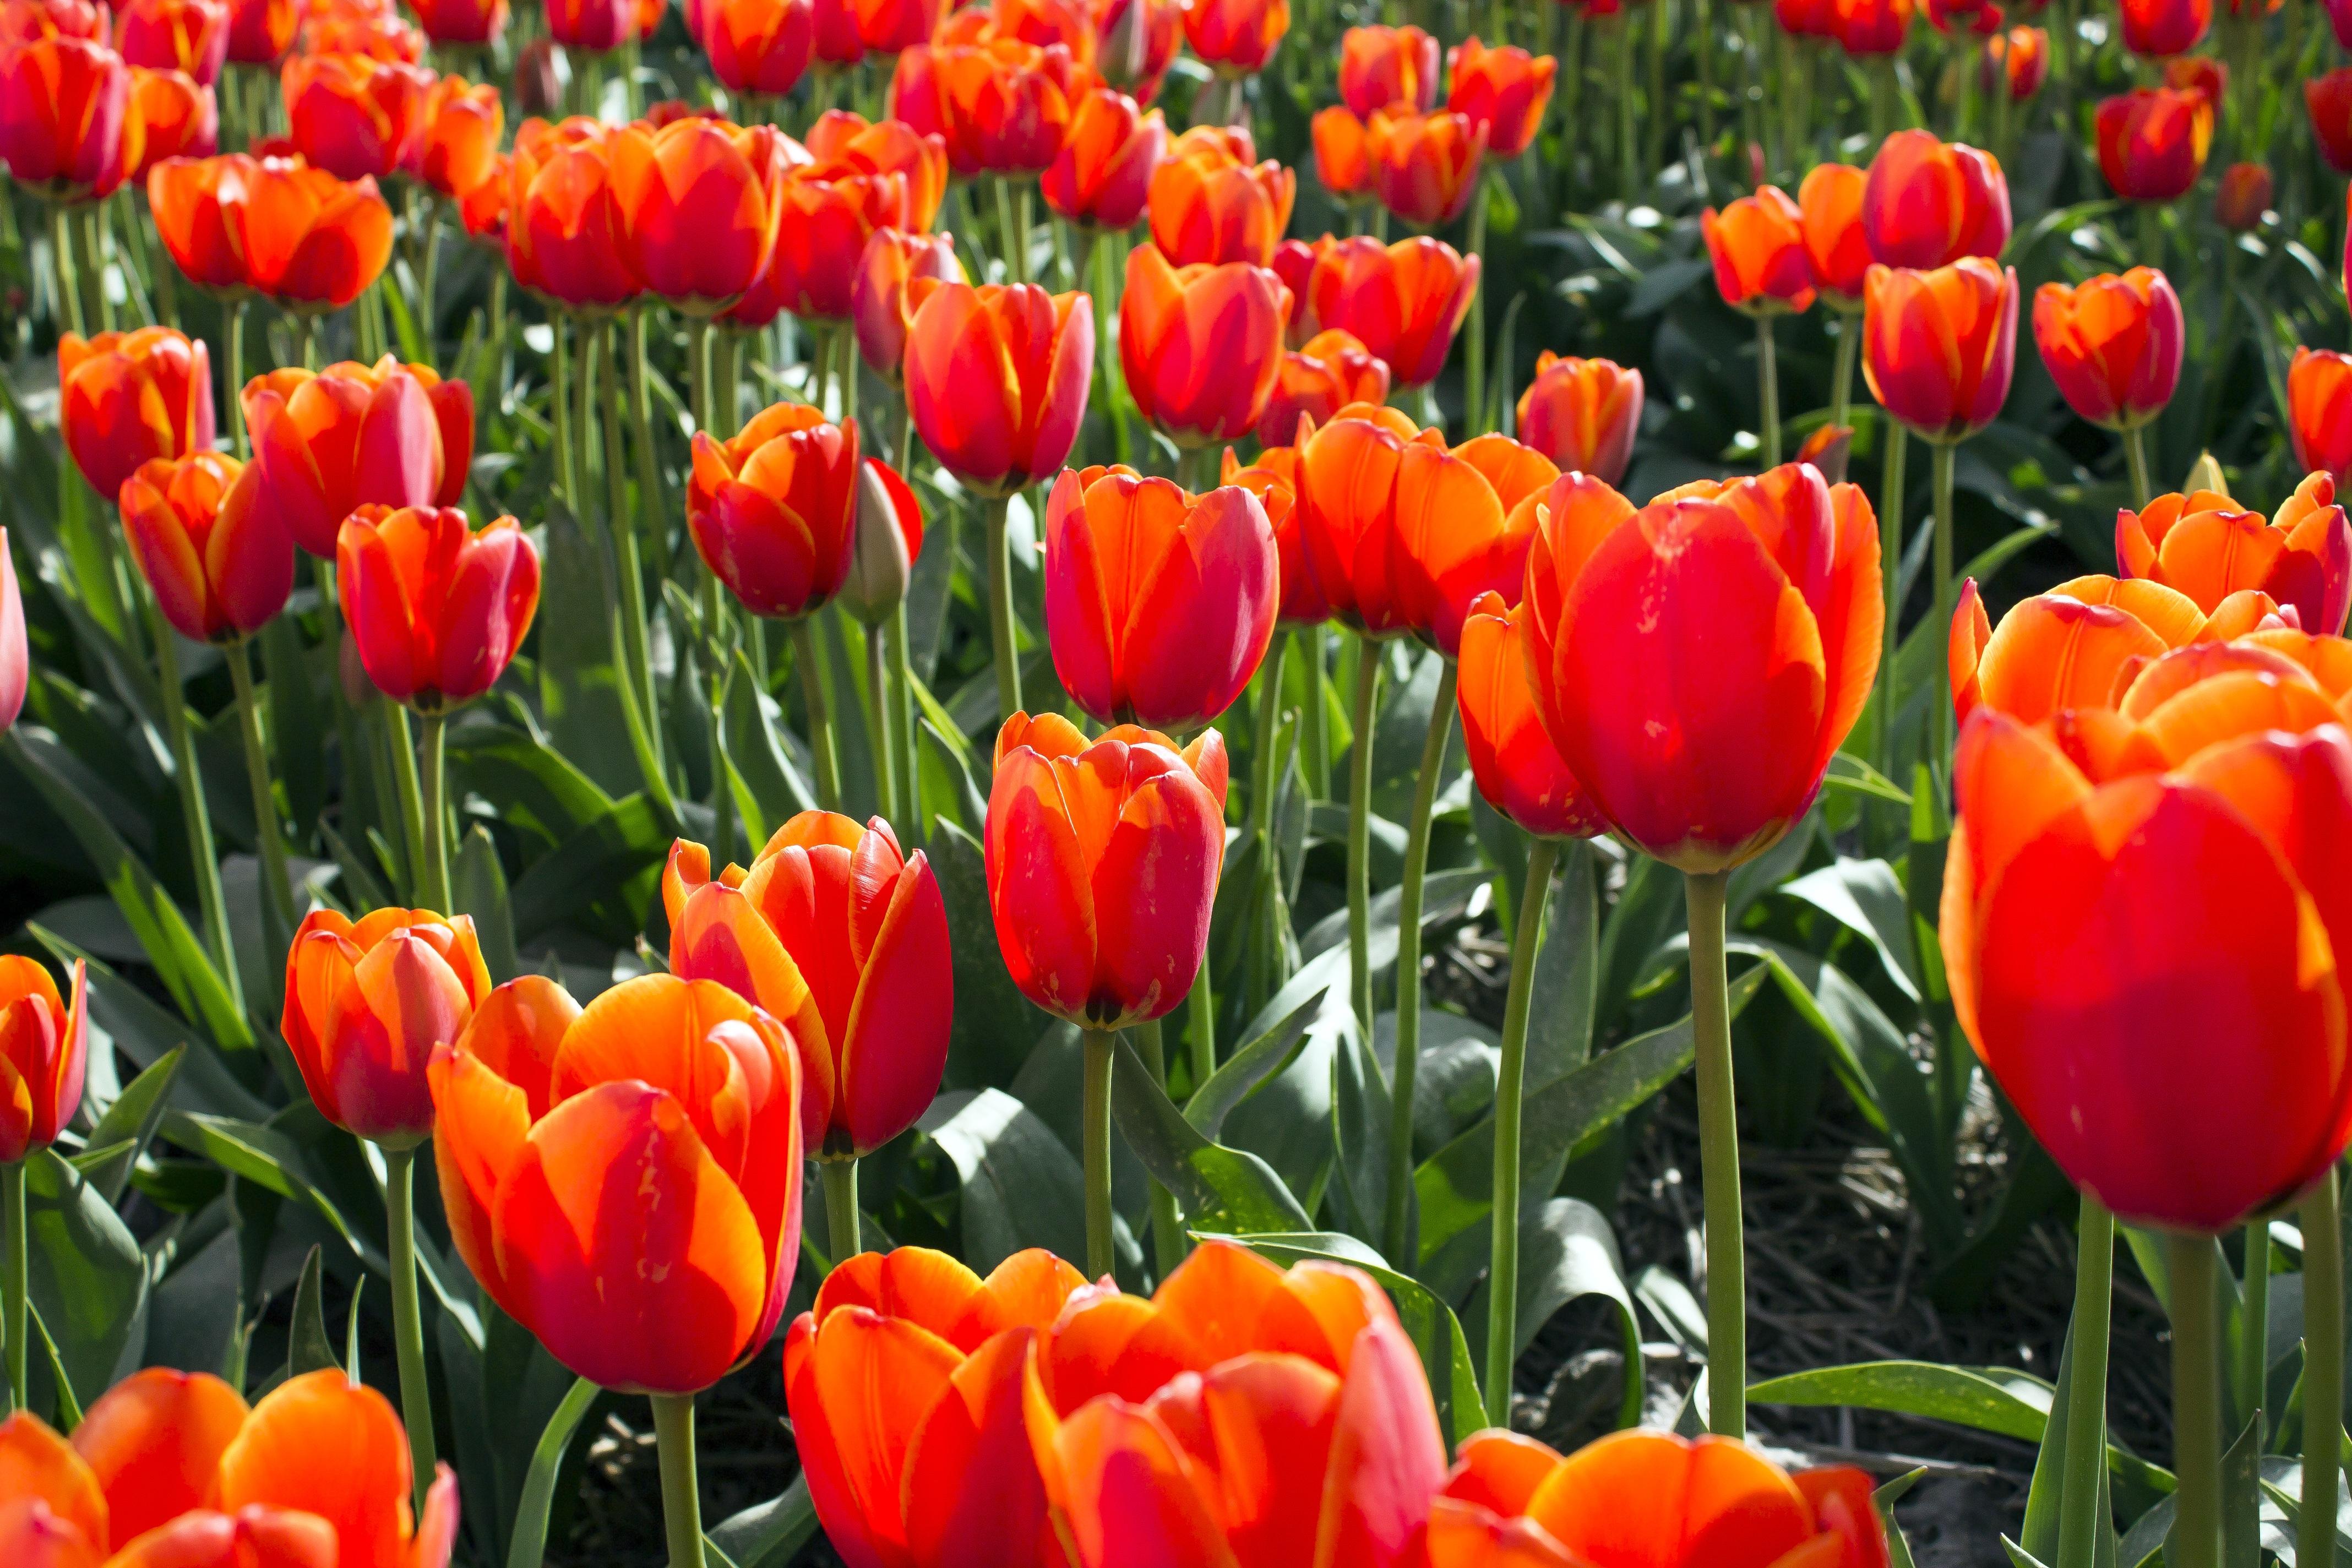 free images nature flower bloom summer orange spring green red tourism plants. Black Bedroom Furniture Sets. Home Design Ideas